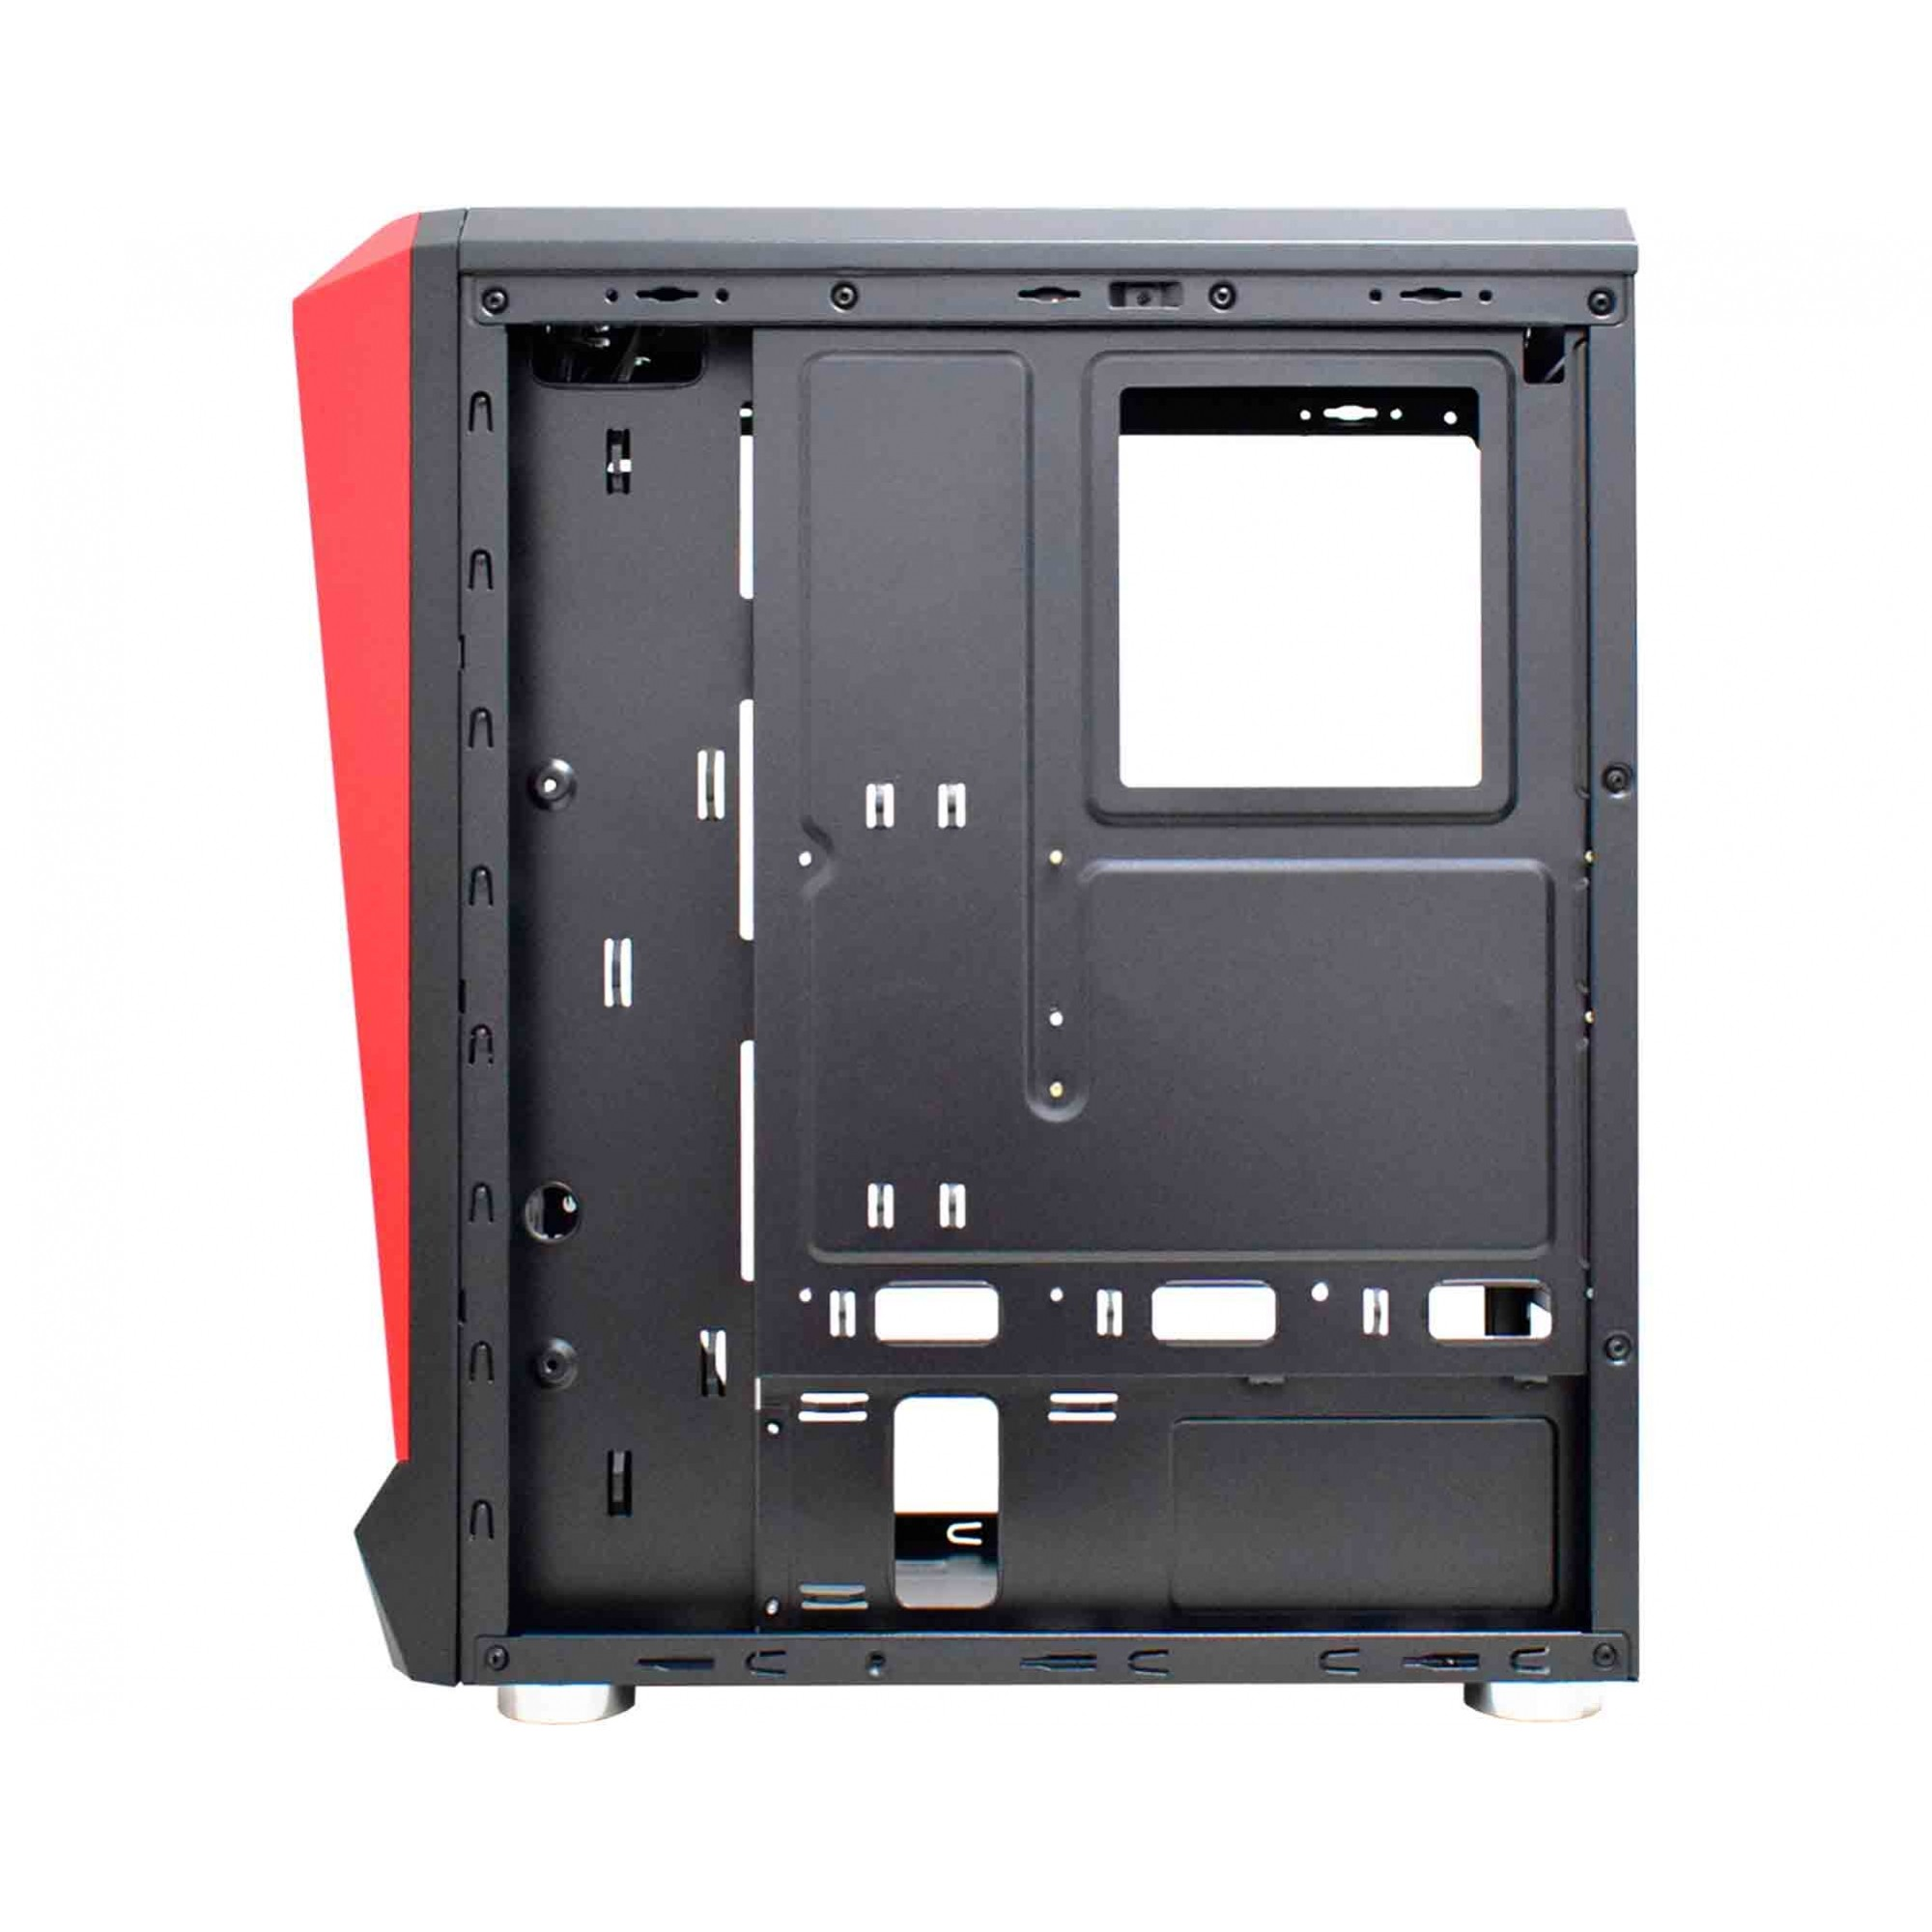 GABINETE GAMER K-MEX ATX/MICRO ATX/ITX SEM FONTE HAWK III CG-03Q1 PRETO RGB